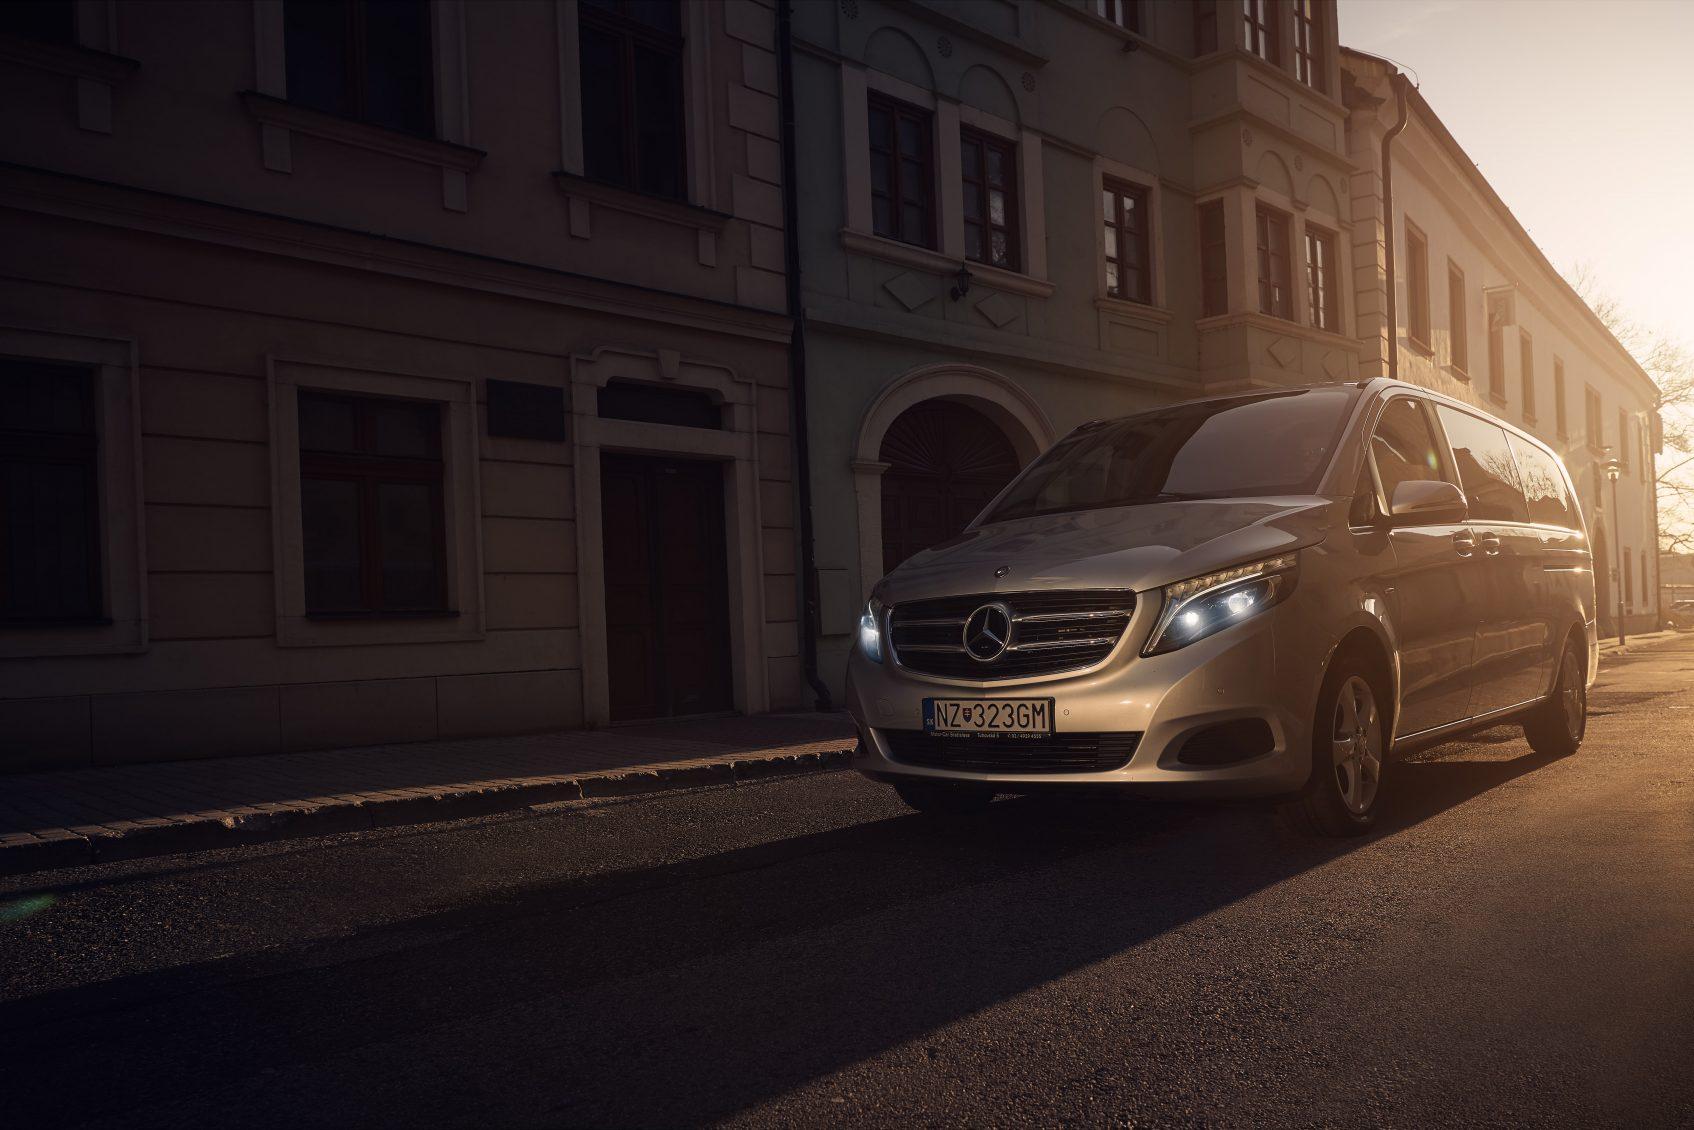 Mercedes-predoma_18-min-e1557491366467.jpg